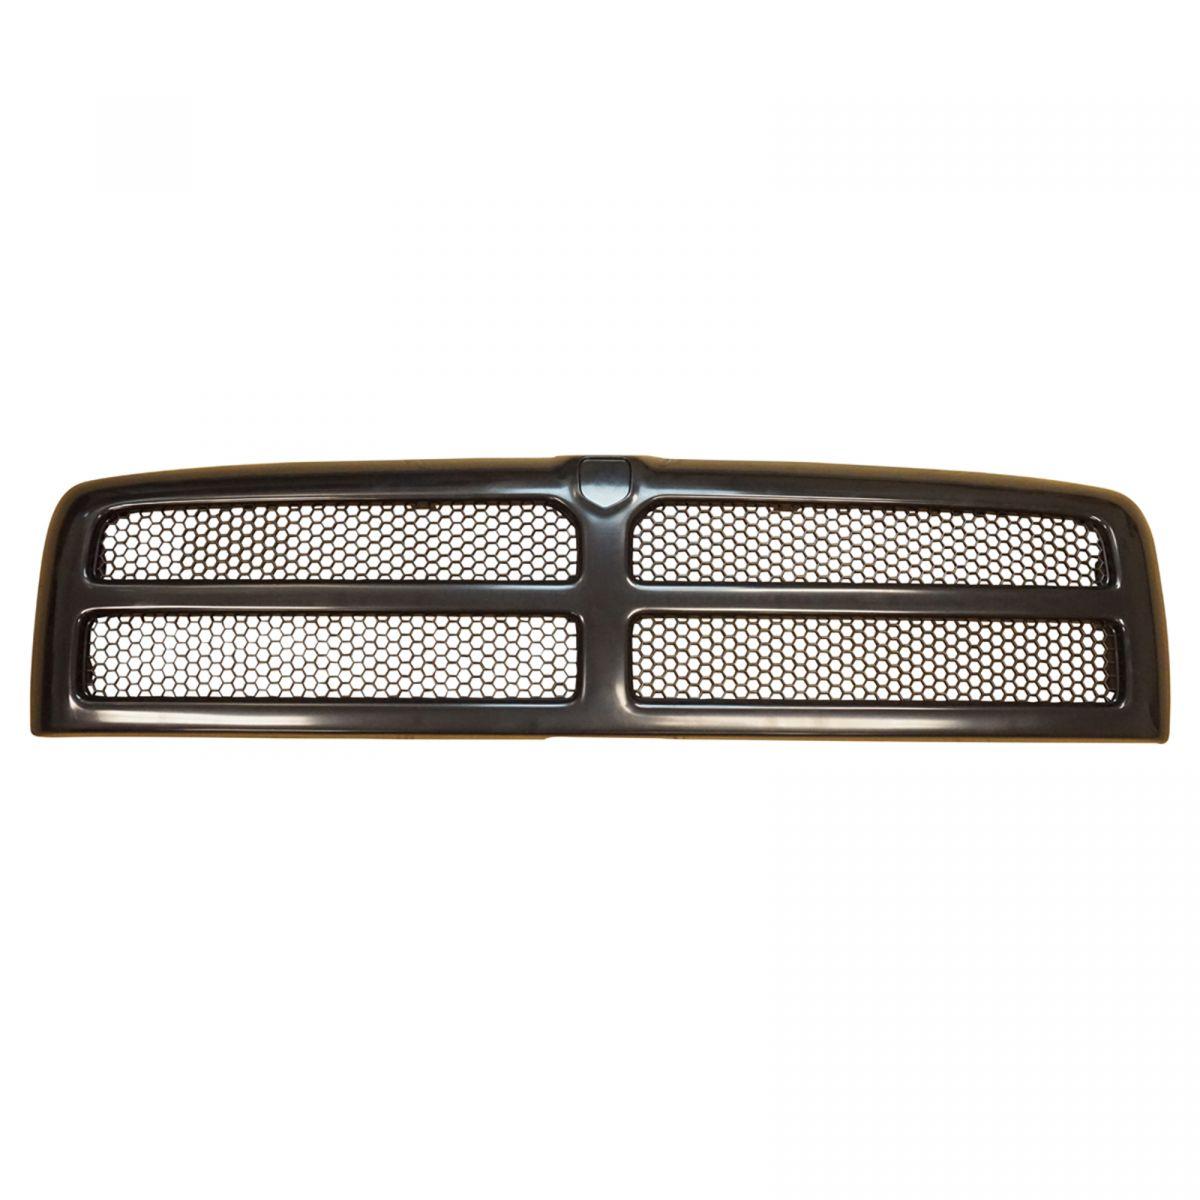 grille grill black front for dodge ram 1500 2500 3500 pickup truck ebay. Black Bedroom Furniture Sets. Home Design Ideas